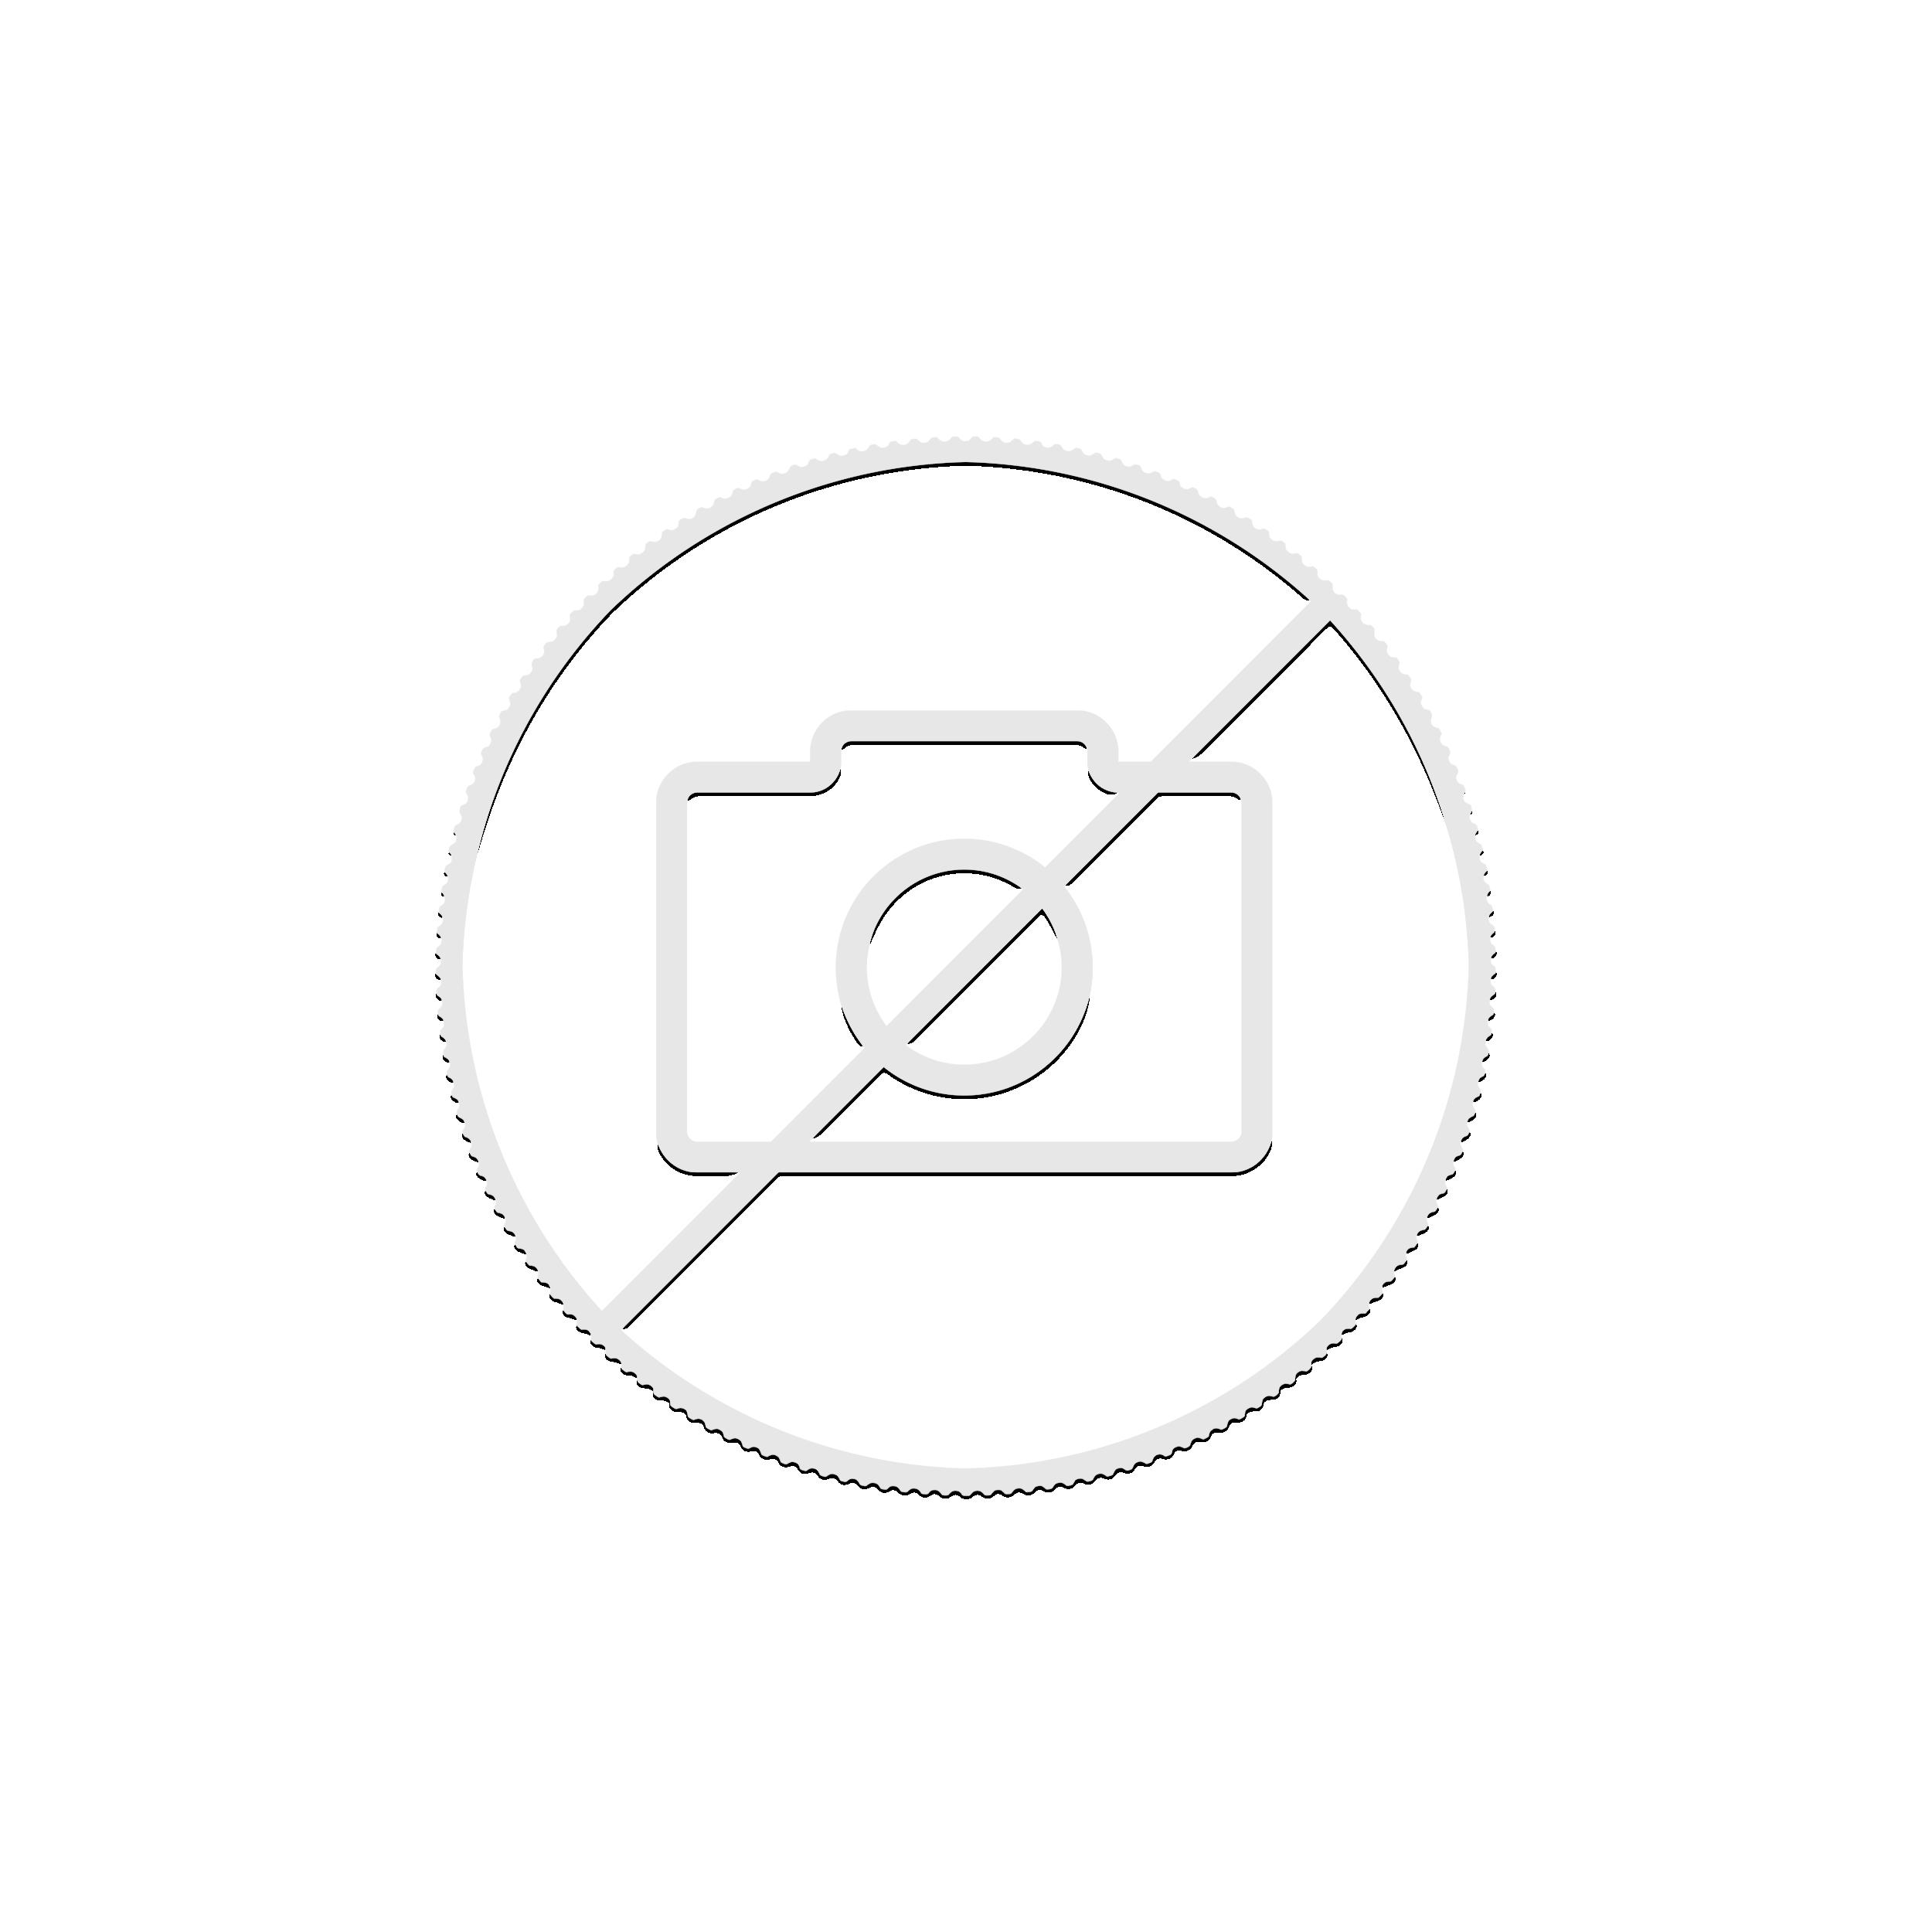 Goudbaar 10 gram Umicore met certificaat